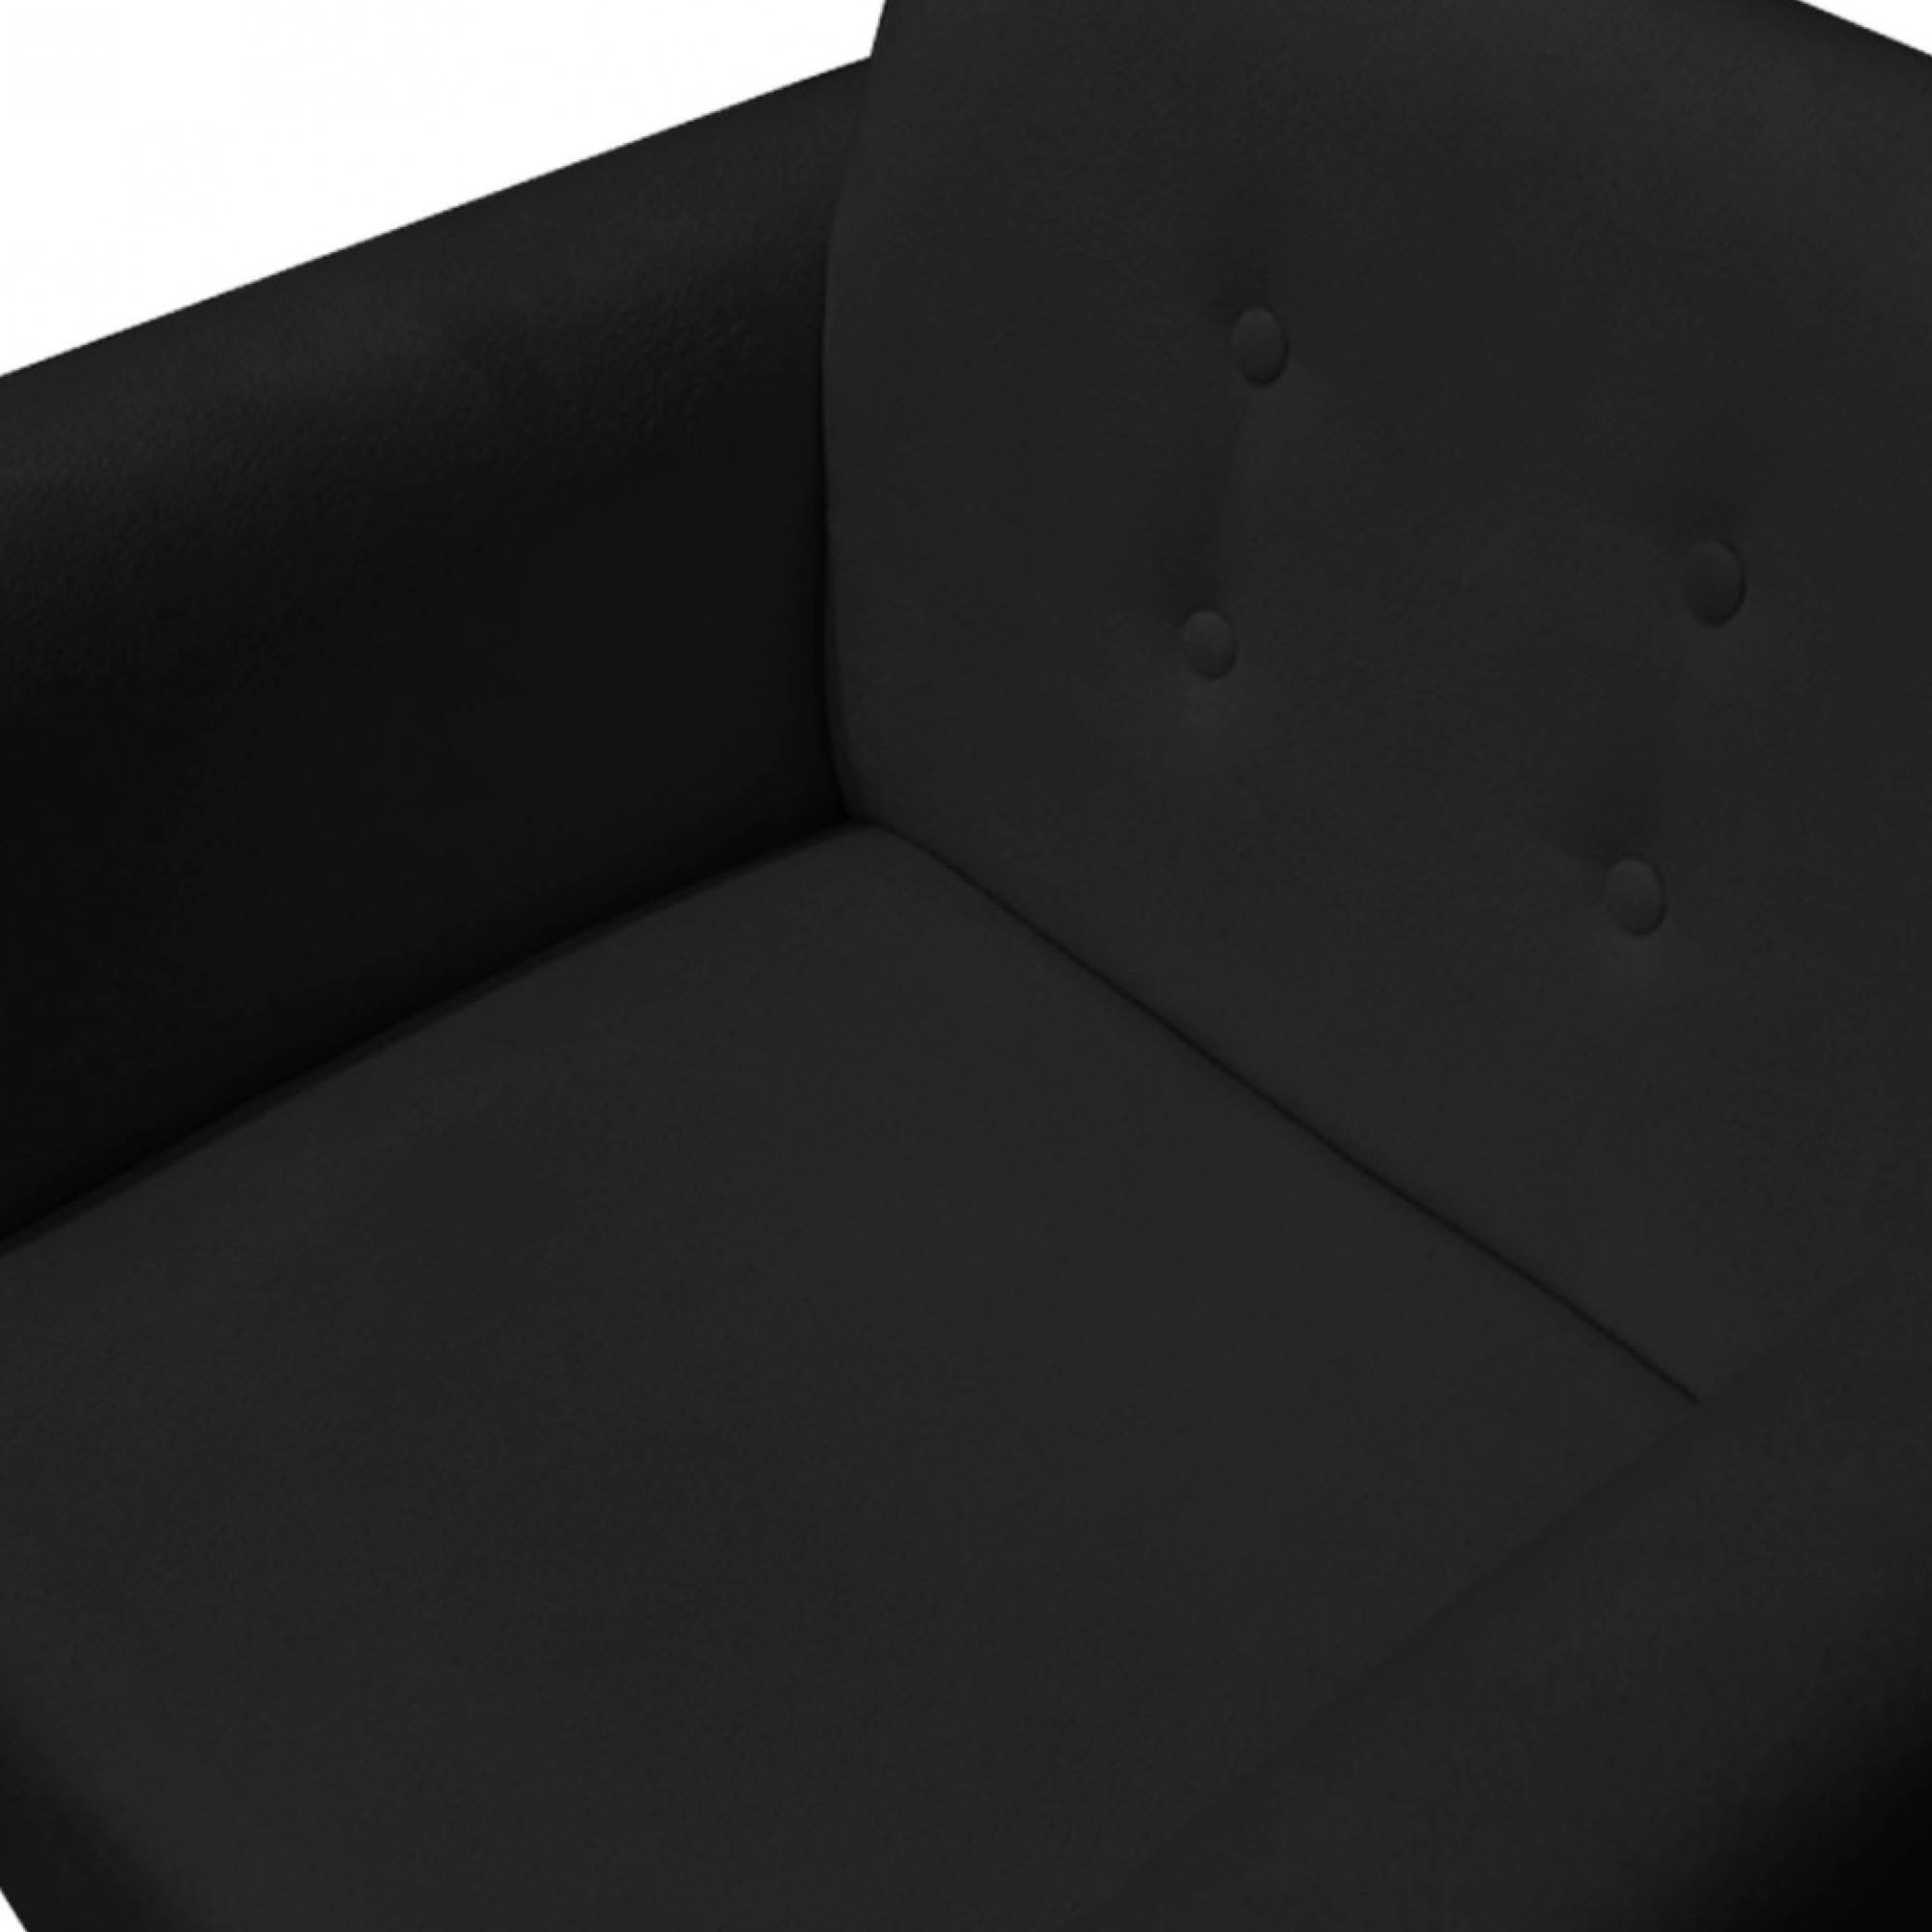 Kit 3 Poltrona Duda Decoraçâo Pé Palito Cadeira Recepção Escritório Clinica D'Classe Decor Suede Preto